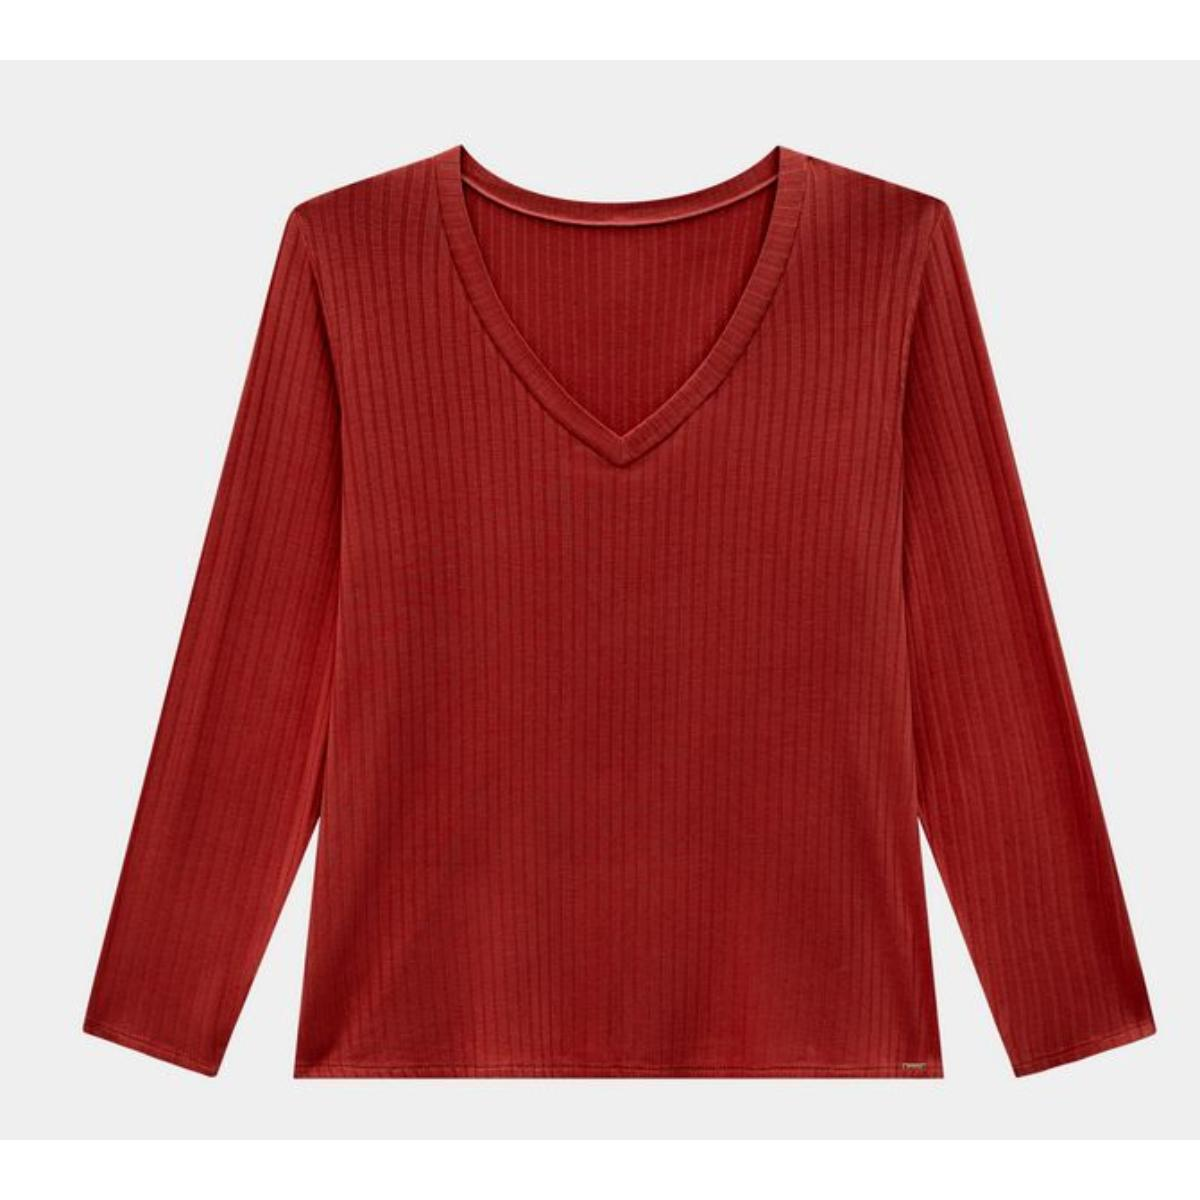 Blusa Feminina Lunender 00450 Vermelho